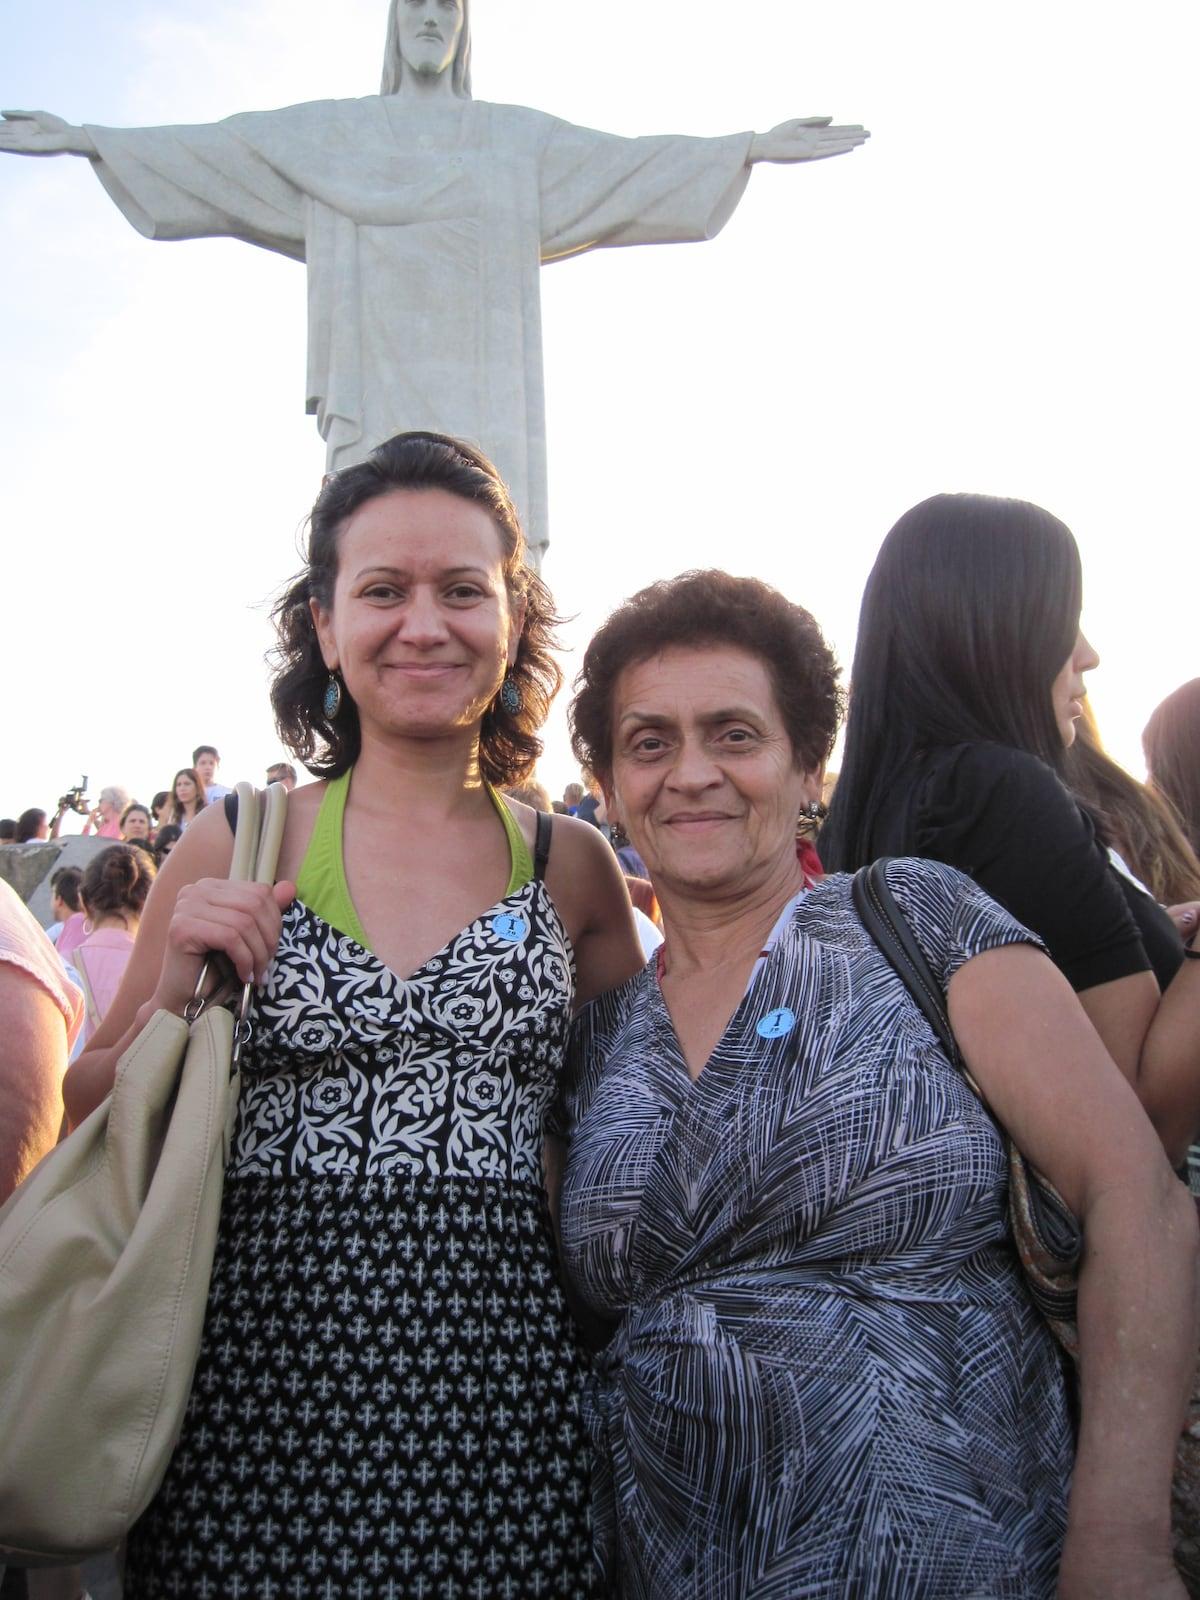 Gislene from Curitiba